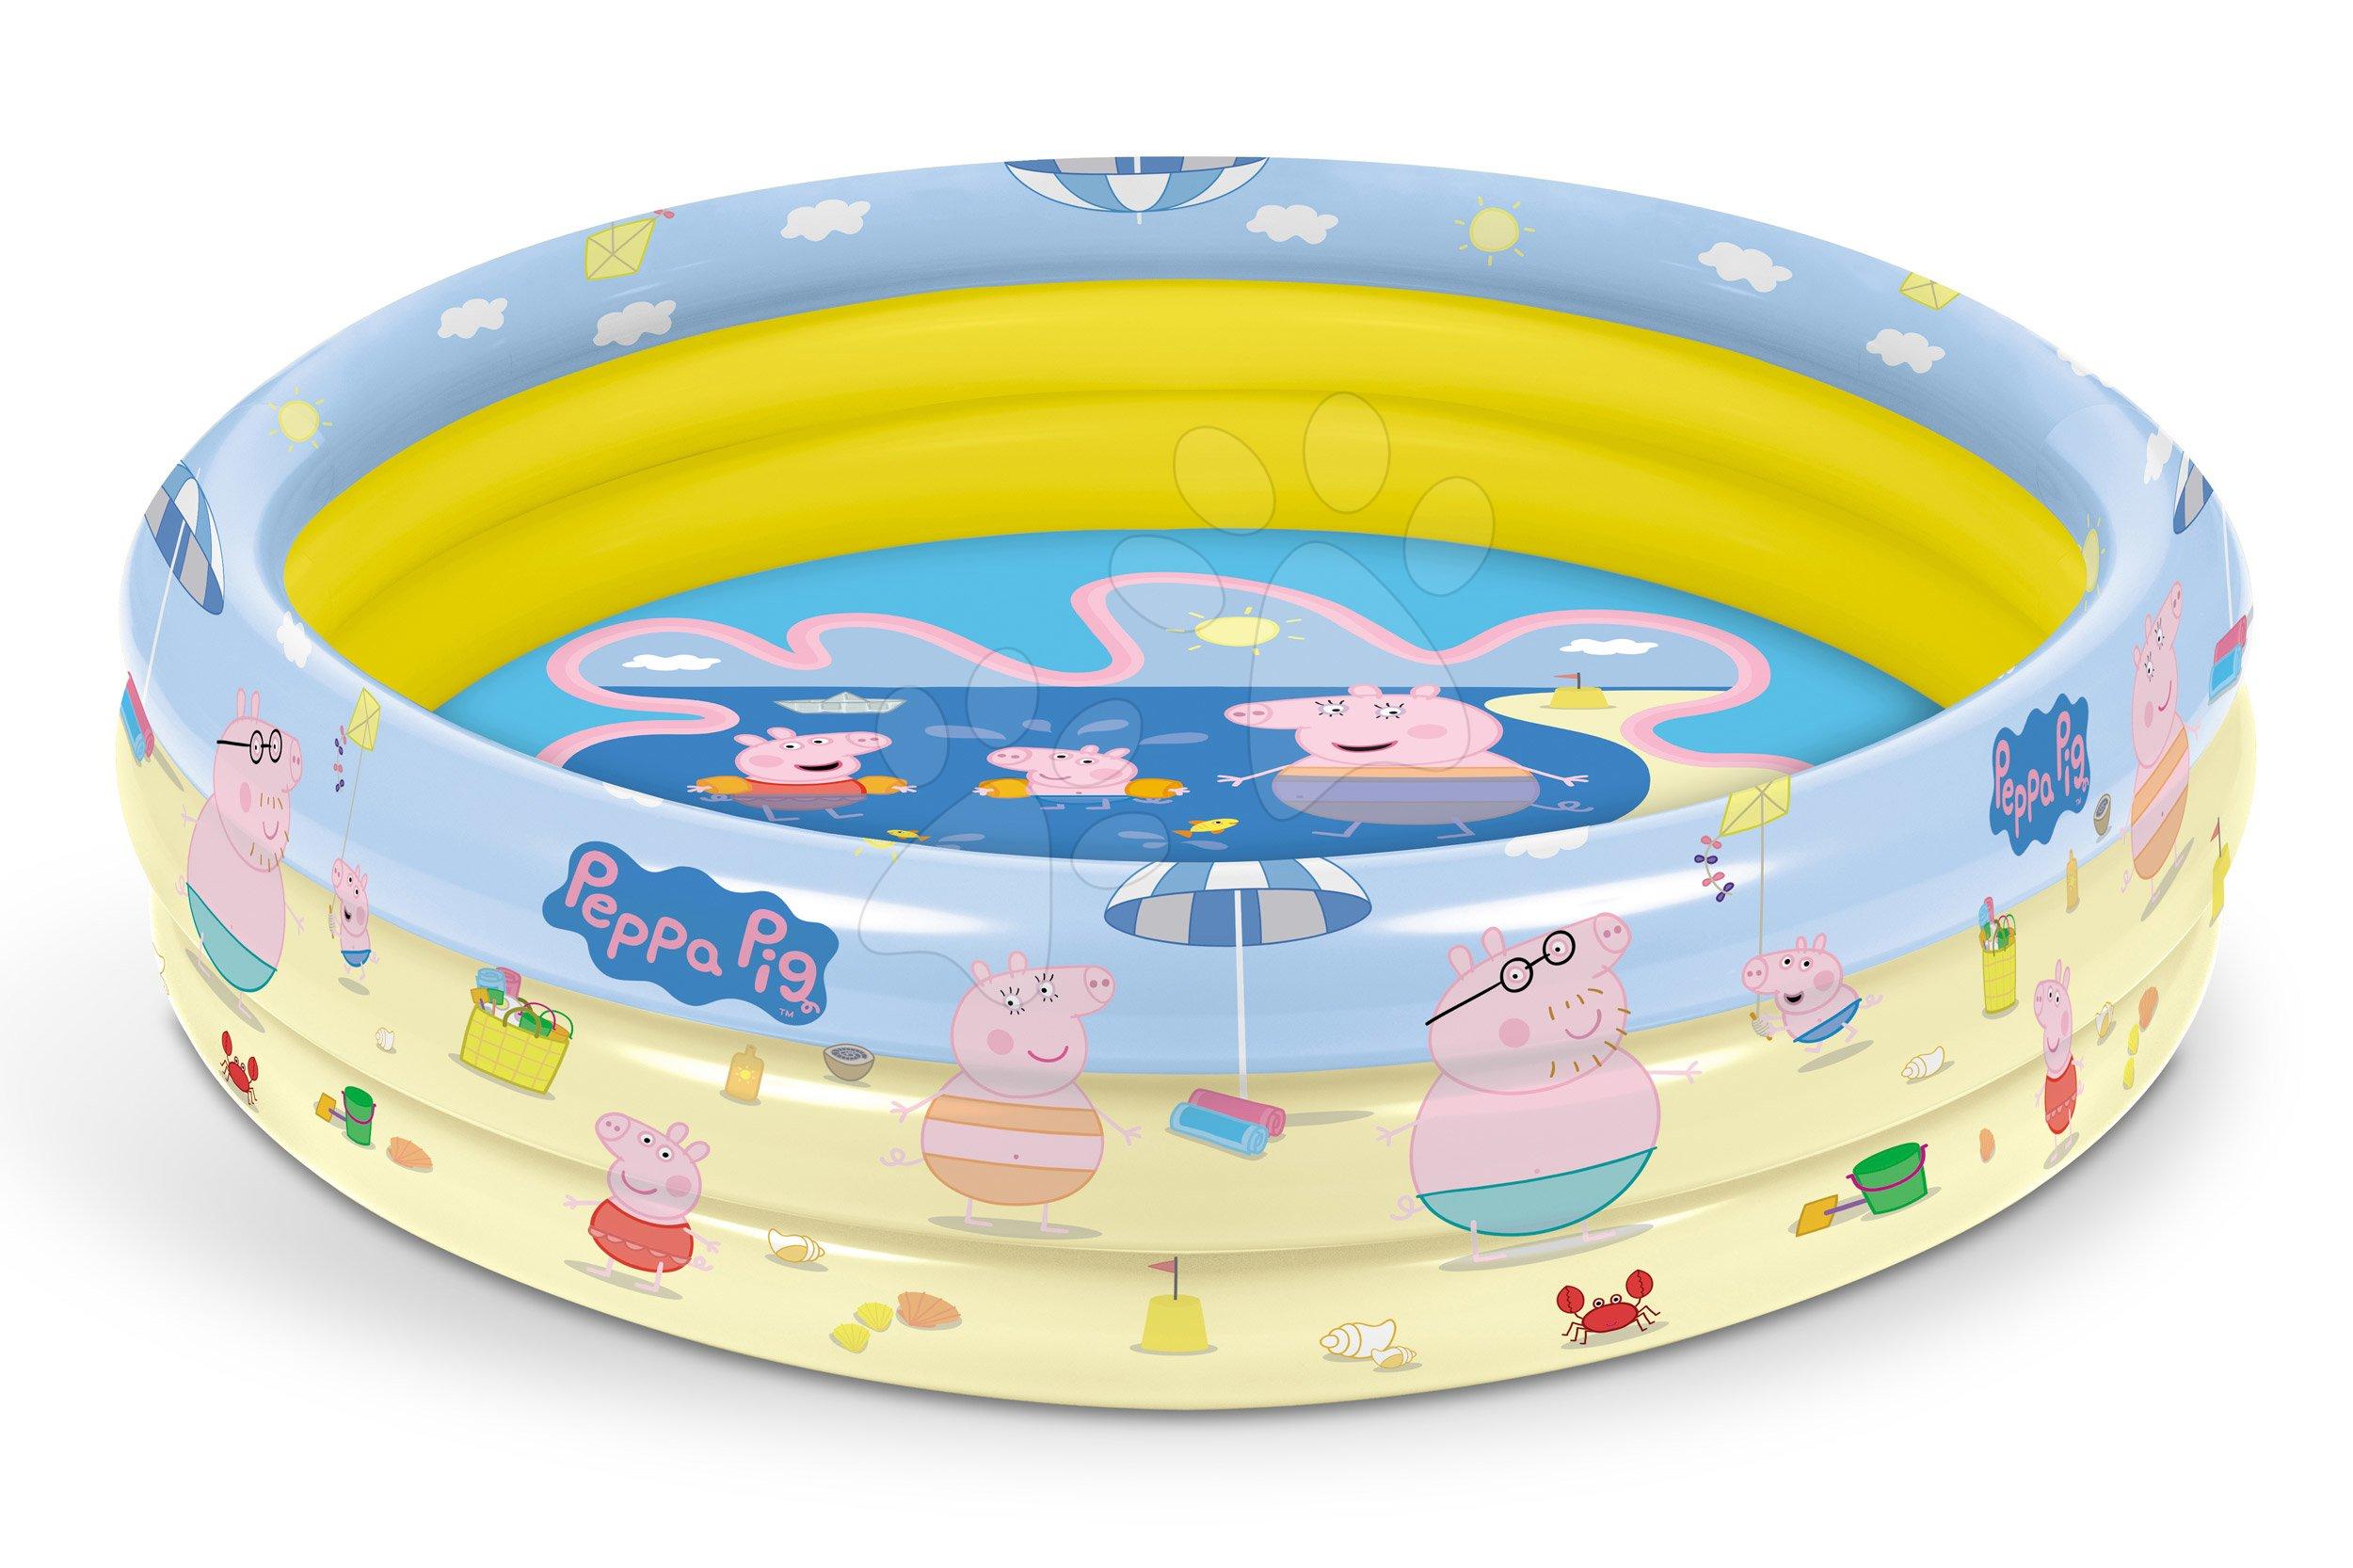 Detské bazéniky - Peppa Pig nafukovací bazén Mondo trojkomorový 100 cm od 10 mes